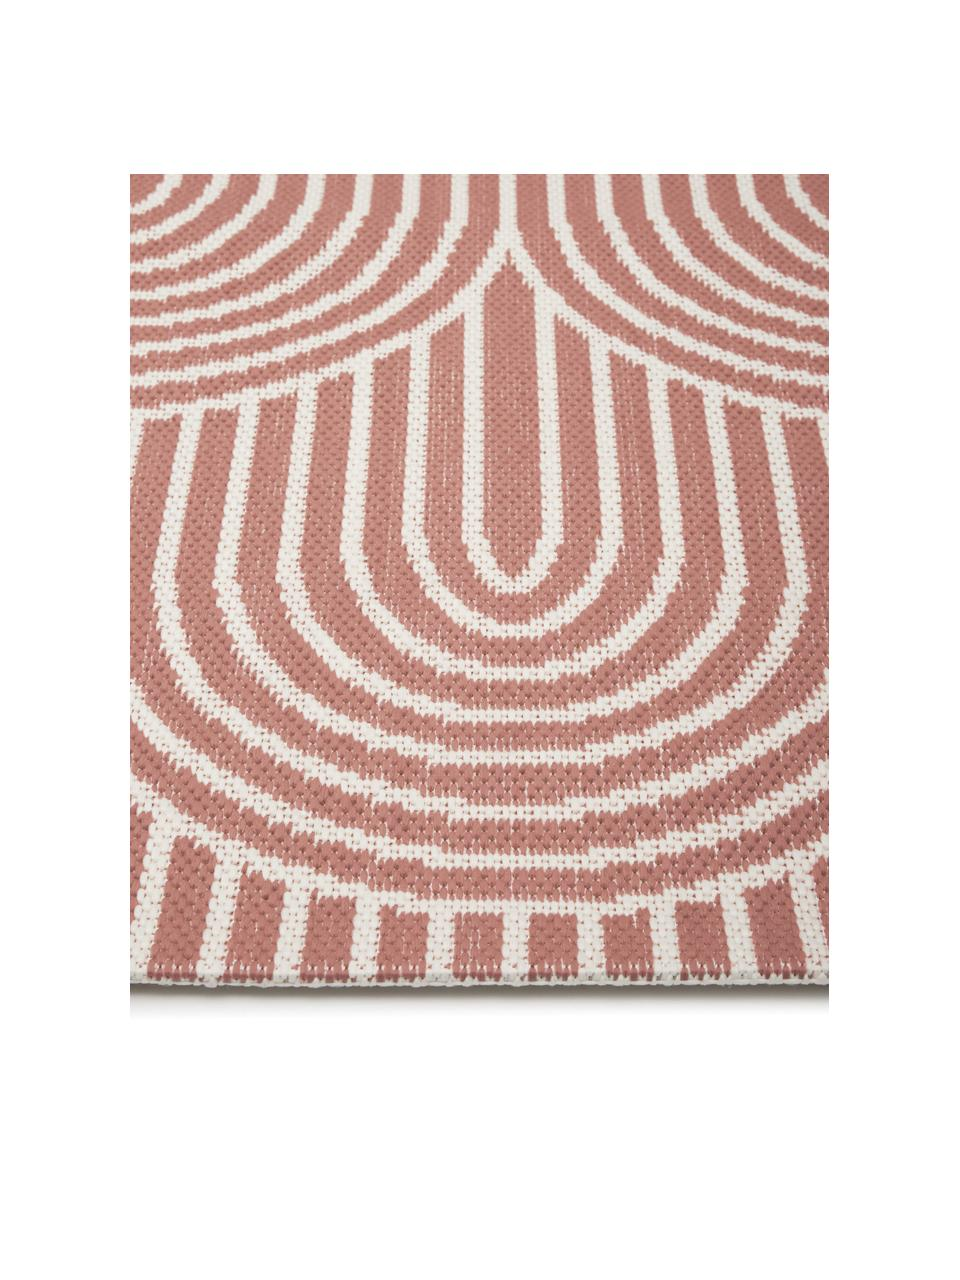 Tappeto color corallo/bianco da interno-esterno Arches, 86% polipropilene, 14% poliestere, Rosso, bianco, Larg. 200 x Lung. 290 cm (taglia L)